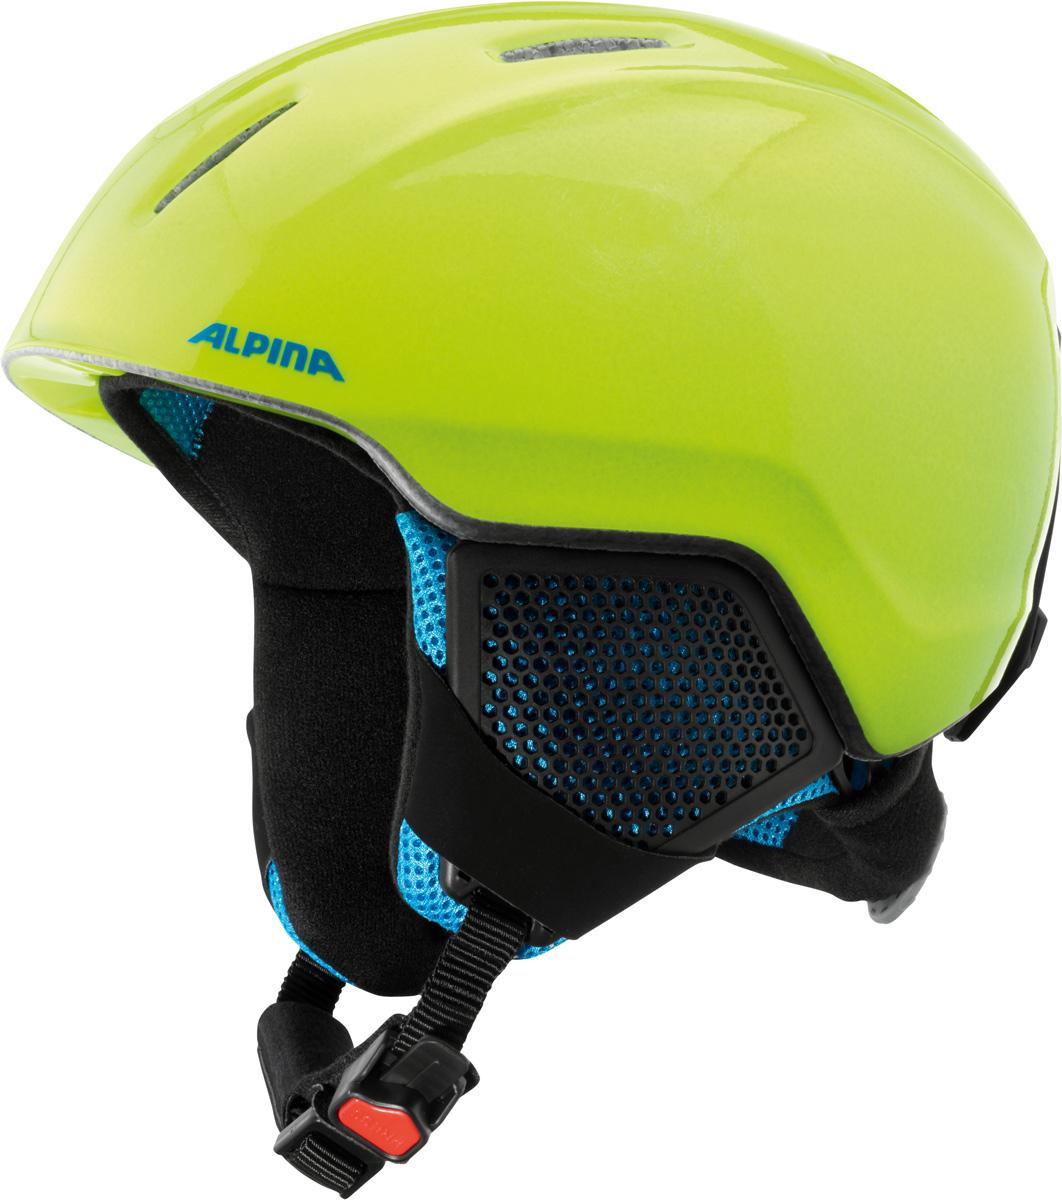 Шлем горнолыжный детский Alpina Carat LX, цвет: желтый. A9081_40. Размер 48-52A9081_40Серия детских и подростковых шлемов Carat пополнилась моделью LX. Главным нововведением стало использование перфорации в жестких наушниках, которые по-прежнему обеспечивают высокую степень защиты, но при этом позволяют слышать все вокруг.Вентиляционные отверстия препятствуют перегреву и позволяют поддерживать идеальную температуру внутри шлема. Для этого инженеры Alpina используют эффект Вентури, чтобы сделать циркуляцию воздуха постоянной и максимально эффективной.Внутренник шлема легко вынимается, стирается, сушится и вставляется обратно.Из задней части шлема можно достать шейный утеплитель из мягкого микро-флиса. Этот теплый воротник также защищает шею от ударов на высокой скорости и при сибирских морозах. В удобной конструкции отсутствуют точки давления на шею.Прочная и легкая конструкция In-mold. Тонкая и прочная поликарбонатная оболочка под воздействием высокой температуры и давления буквально сплавляется с гранулами EPS, которые гасят ударную нагрузку.Внутренняя оболочка каждого шлема Alpina состоит из гранул HI-EPS (сильно вспененного полистирола). Микроскопические воздушные карманы эффективно поглощают ударную нагрузку и обеспечивают высокую теплоизоляцию. Эта технология позволяет достичь минимальной толщины оболочки. А так как гранулы HI-EPS не впитывают влагу, их защитный эффект не ослабевает со временем.Удобная и точная система регулировки Run System Ergo Snow позволяет быстро и комфортно подогнать шлем по голове, без создания отдельных точек избыточного давления.Y-образный ремнераспределитель двух ремешков находится под ухом и обеспечивает быструю и точную посадку шлема на голове.Вместо фастекса на ремешке используется красная кнопка с автоматическим запирающим механизмом, которую легко использовать даже в лыжных перчатках. Механизм защищён от произвольного раскрытия при падении.